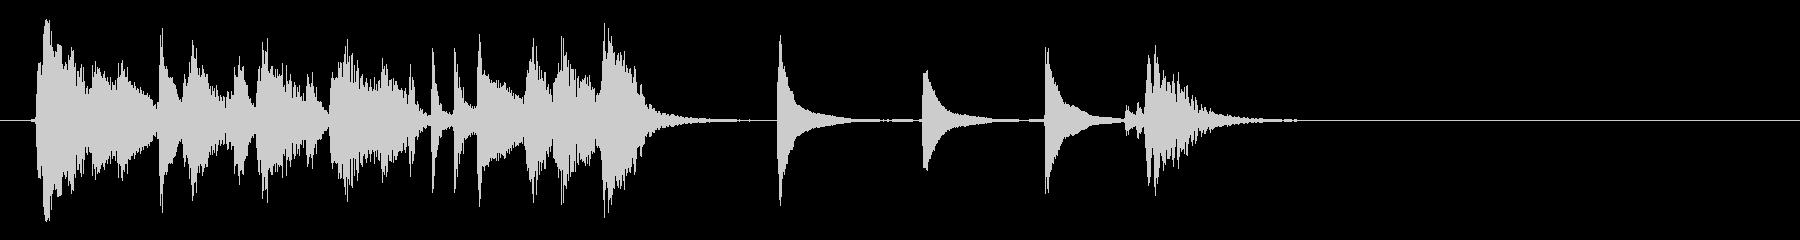 お洒落でリズミカルな6秒ジャズピアノ3の未再生の波形